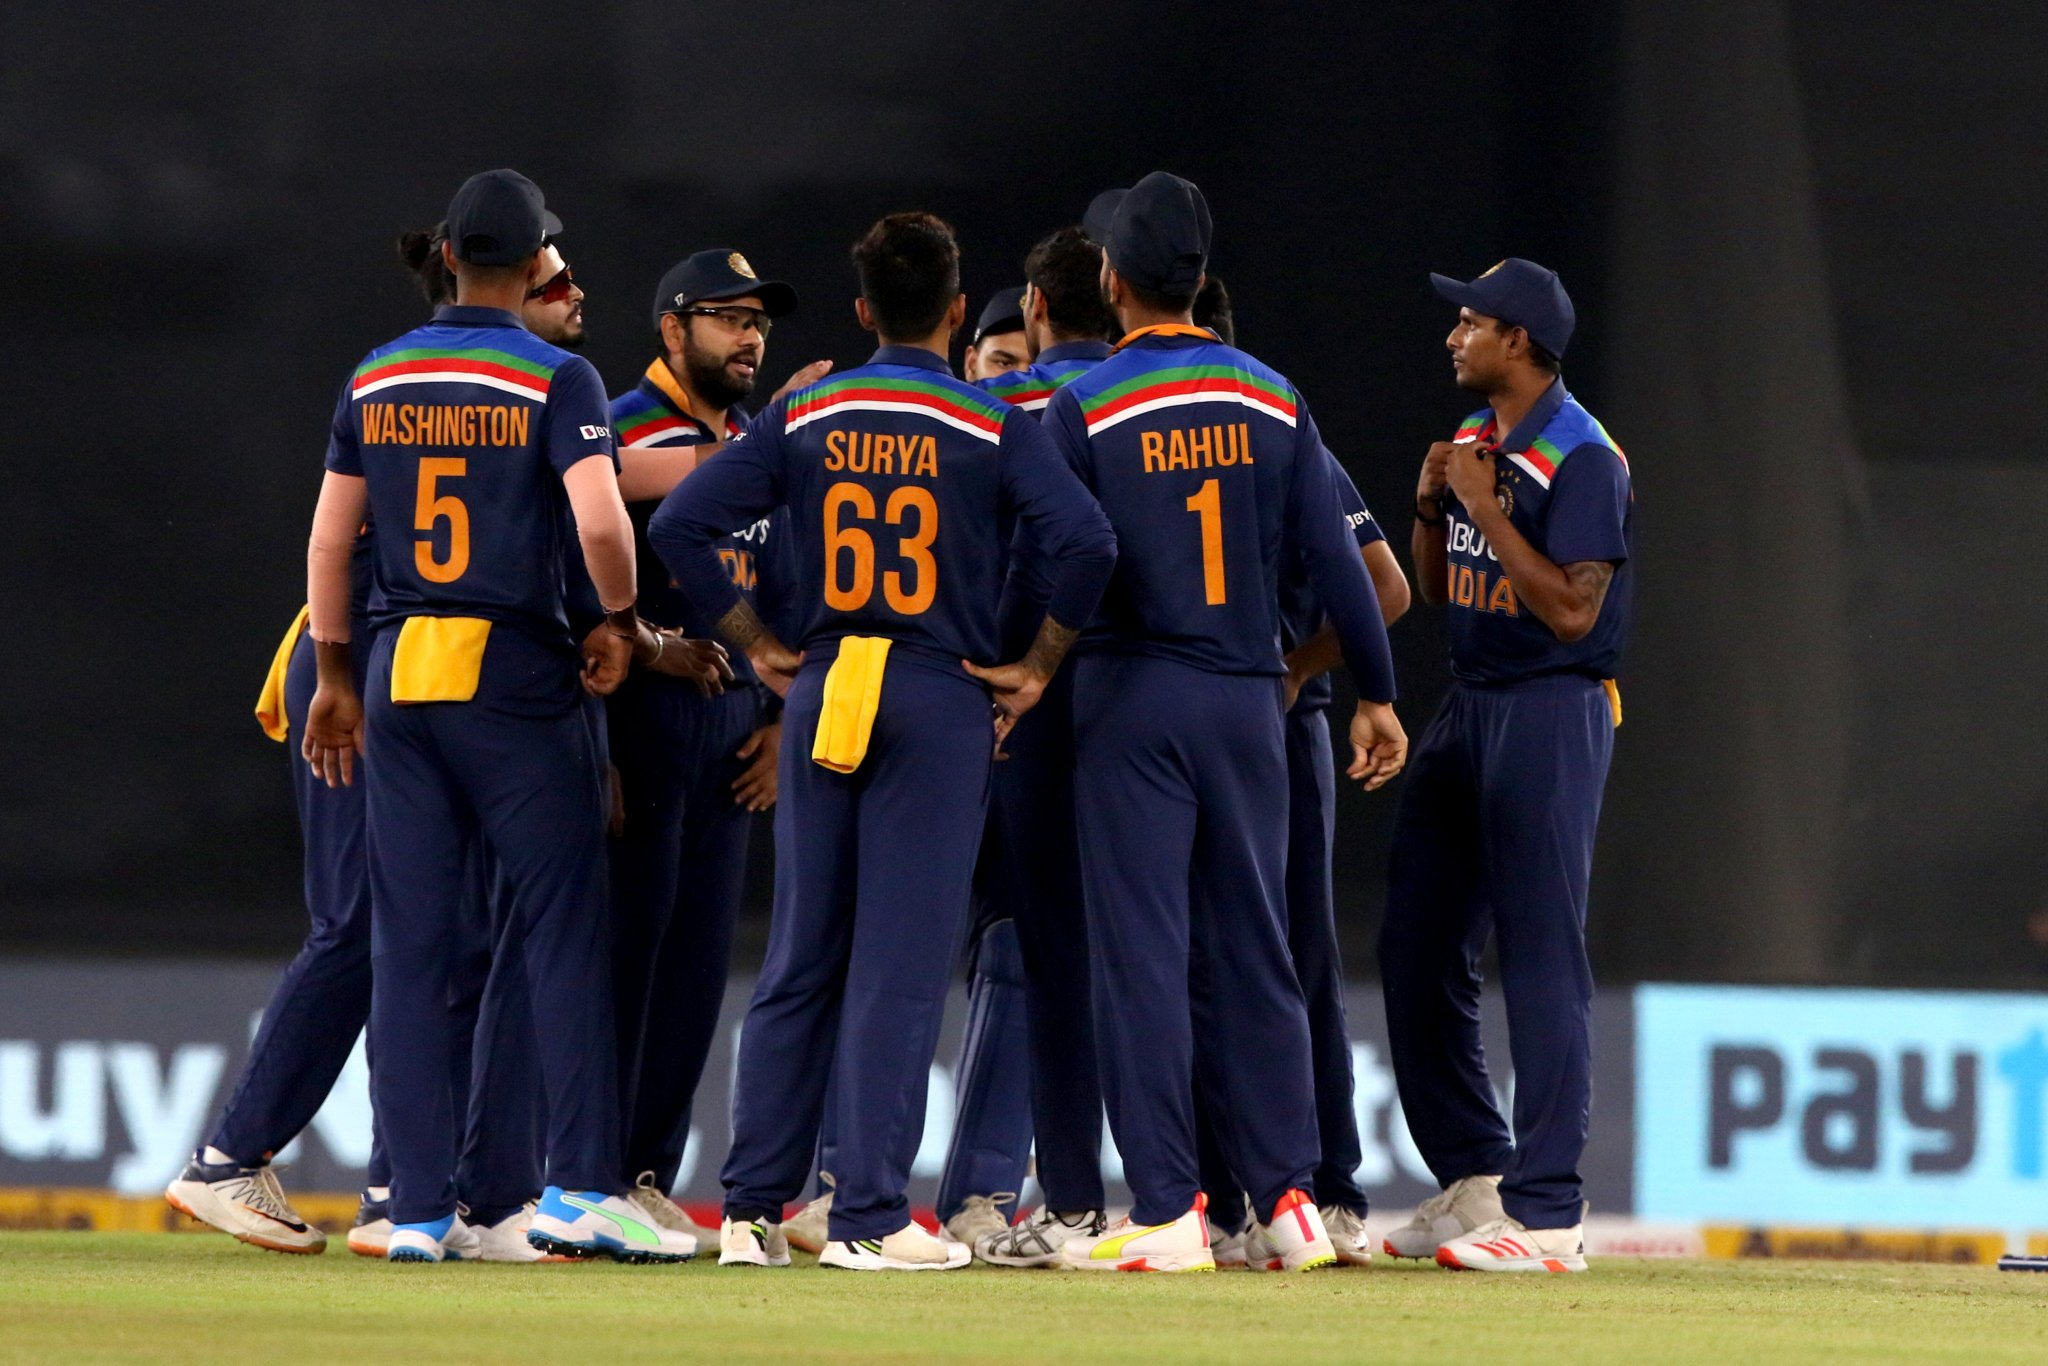 ম্যাচ ও সিরিজ হারের পর ভারতীয় ক্রিকেটপ্রেমীদের মন জিতে নিলেন ইয়ন মর্গ্যান 2